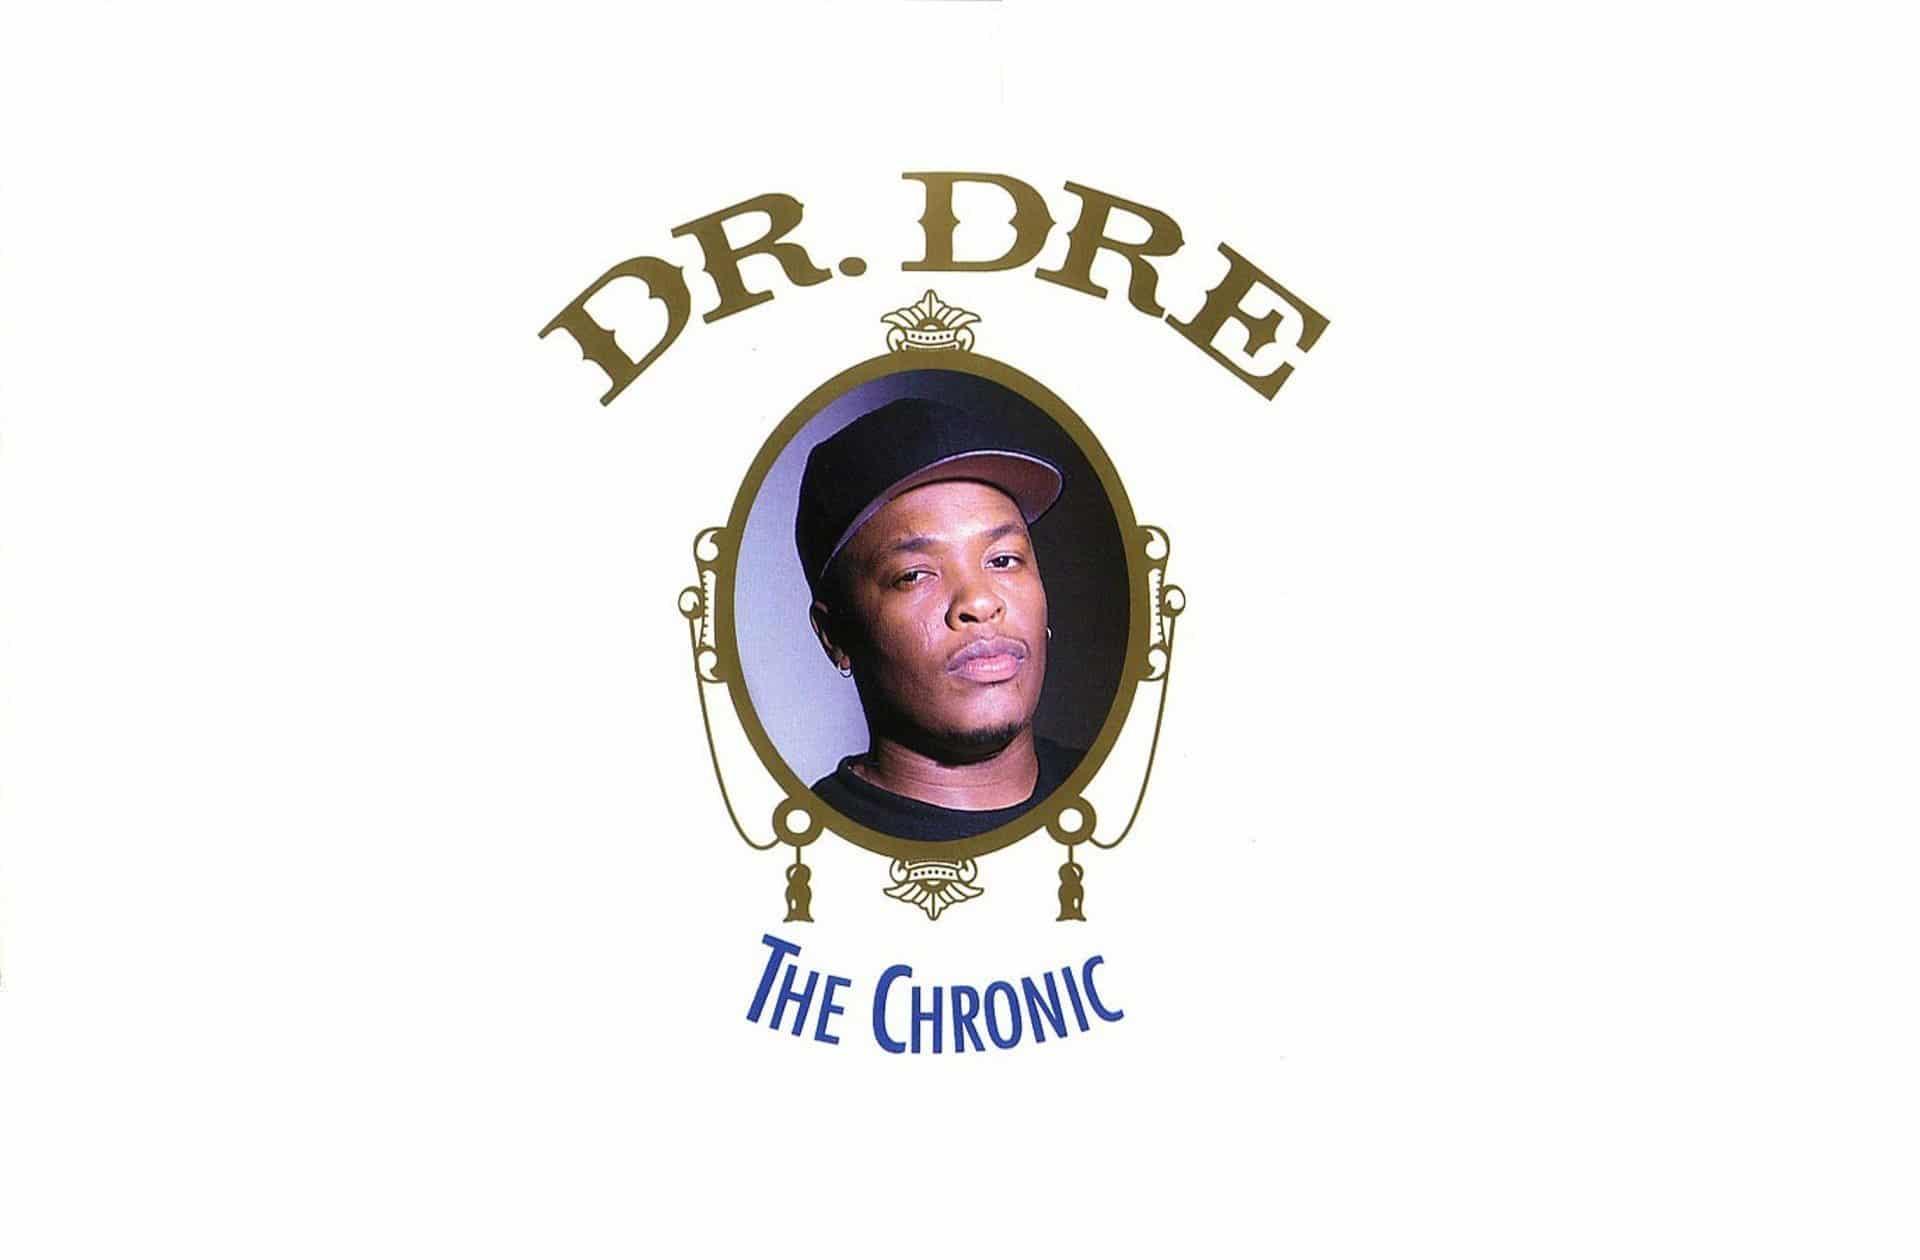 EN ECOUTE : La mixtape anniversaire de The Chronic, le premier classique de Dr. Dre